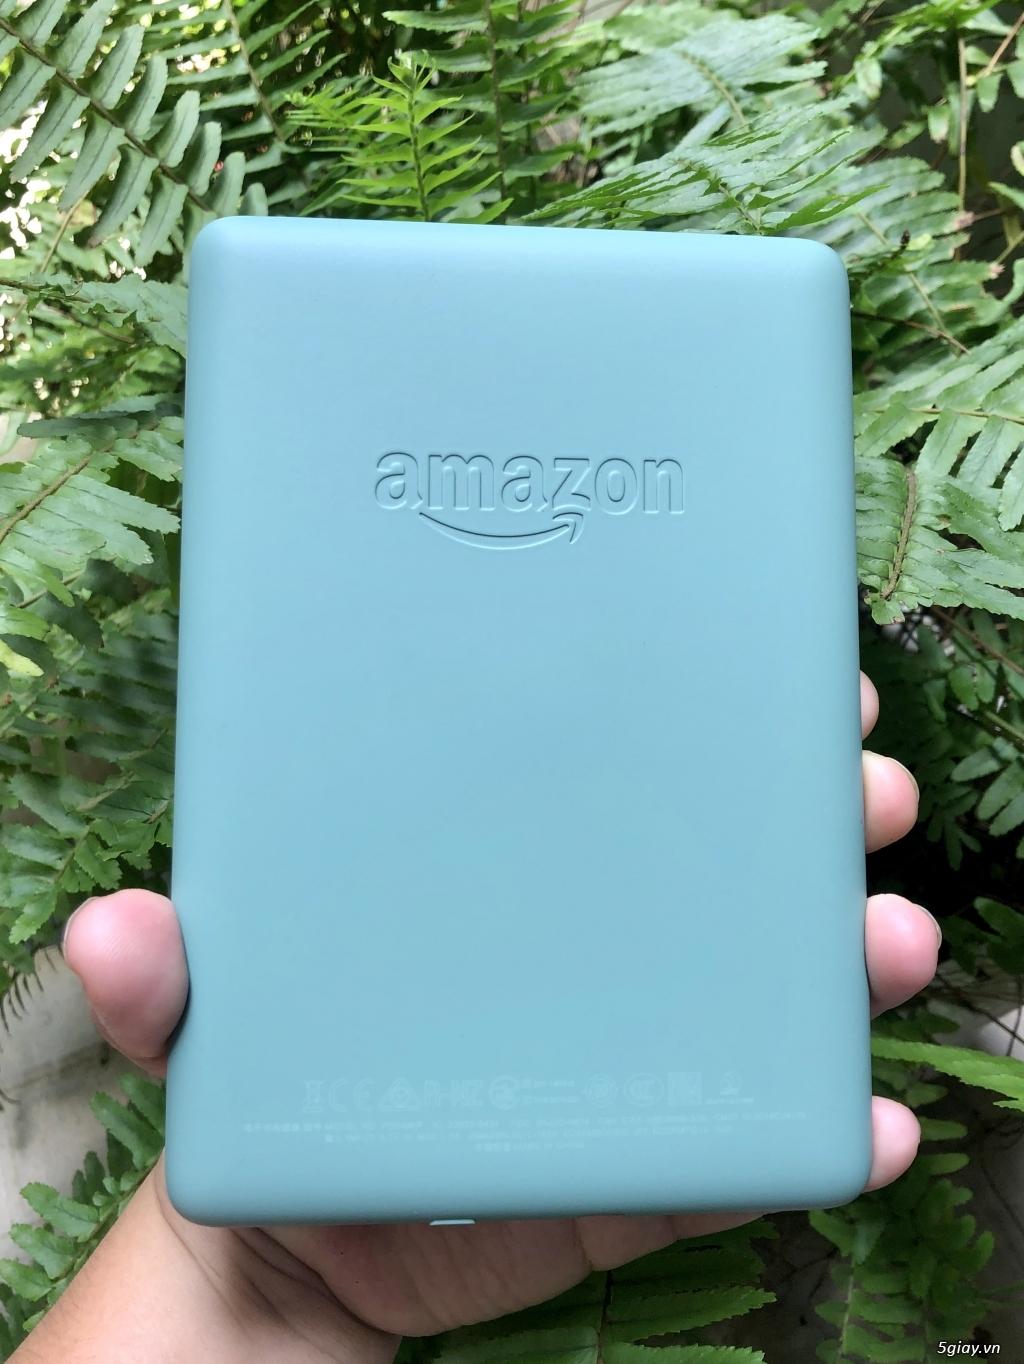 Cần bán: máy đọc sách Kindle Paperwhite 4 - 2